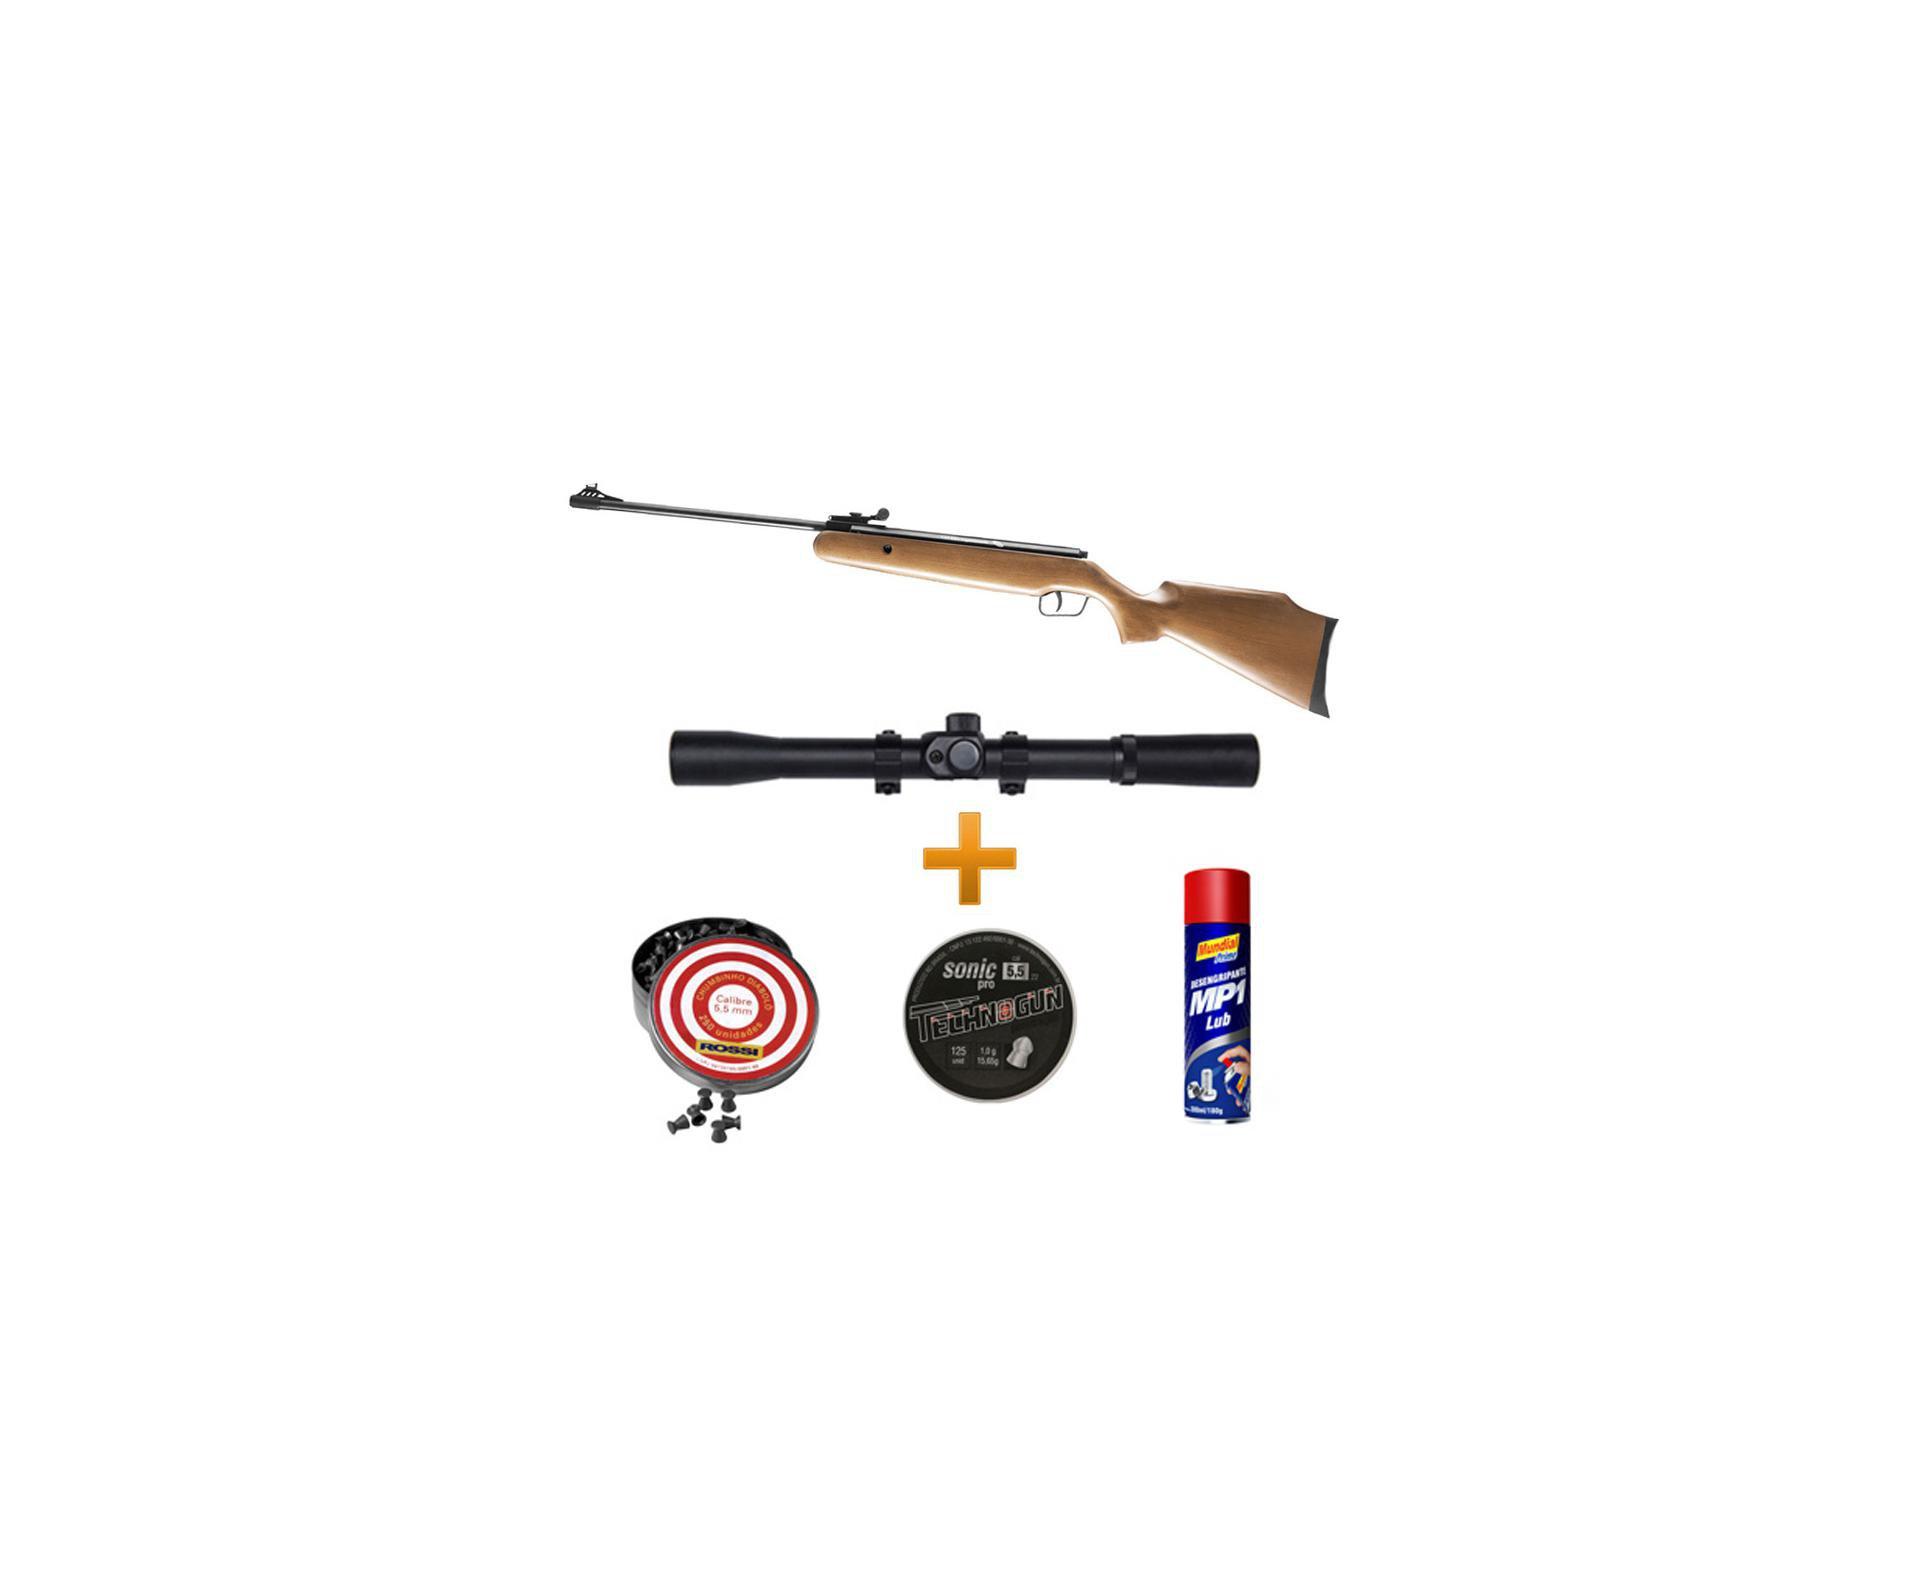 Carabina De Pressão Bam B12-6 F22 5,5 Mm + Luneta 4x20 + Chumbinhos+ Lubrificante